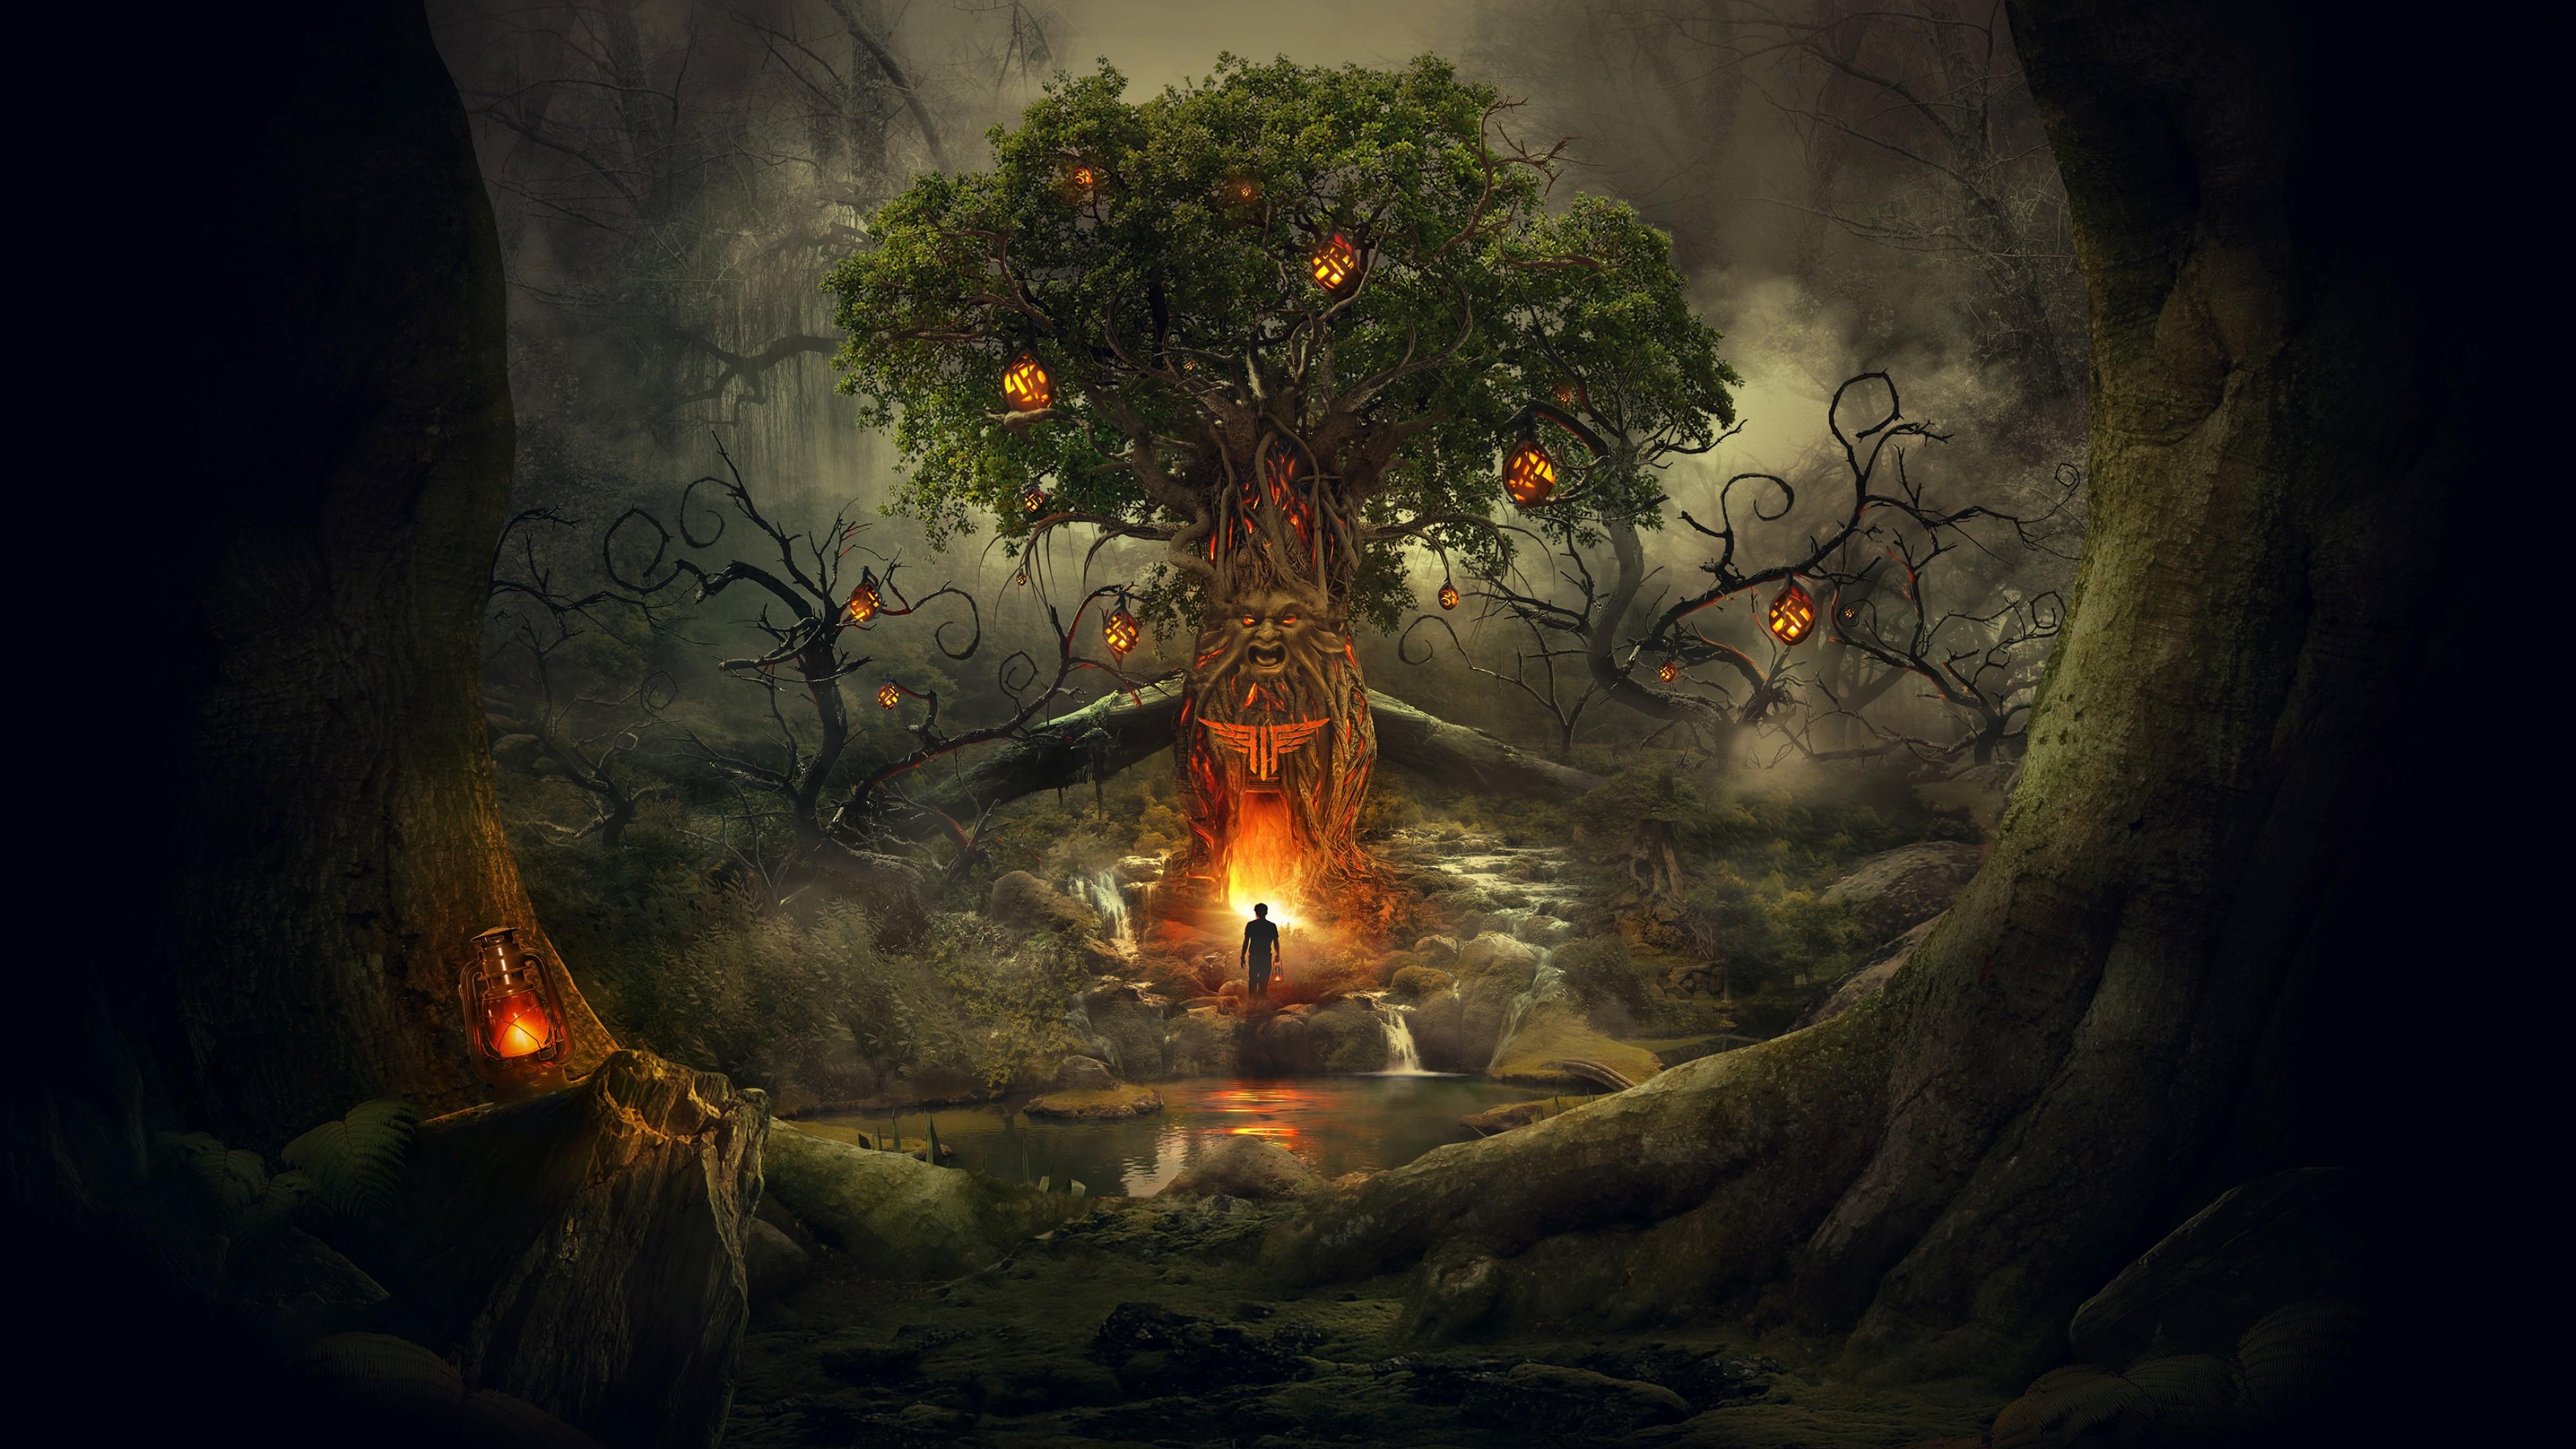 Призрачный лес в туманной дымке со сверкающими фонарями и демоном у костра